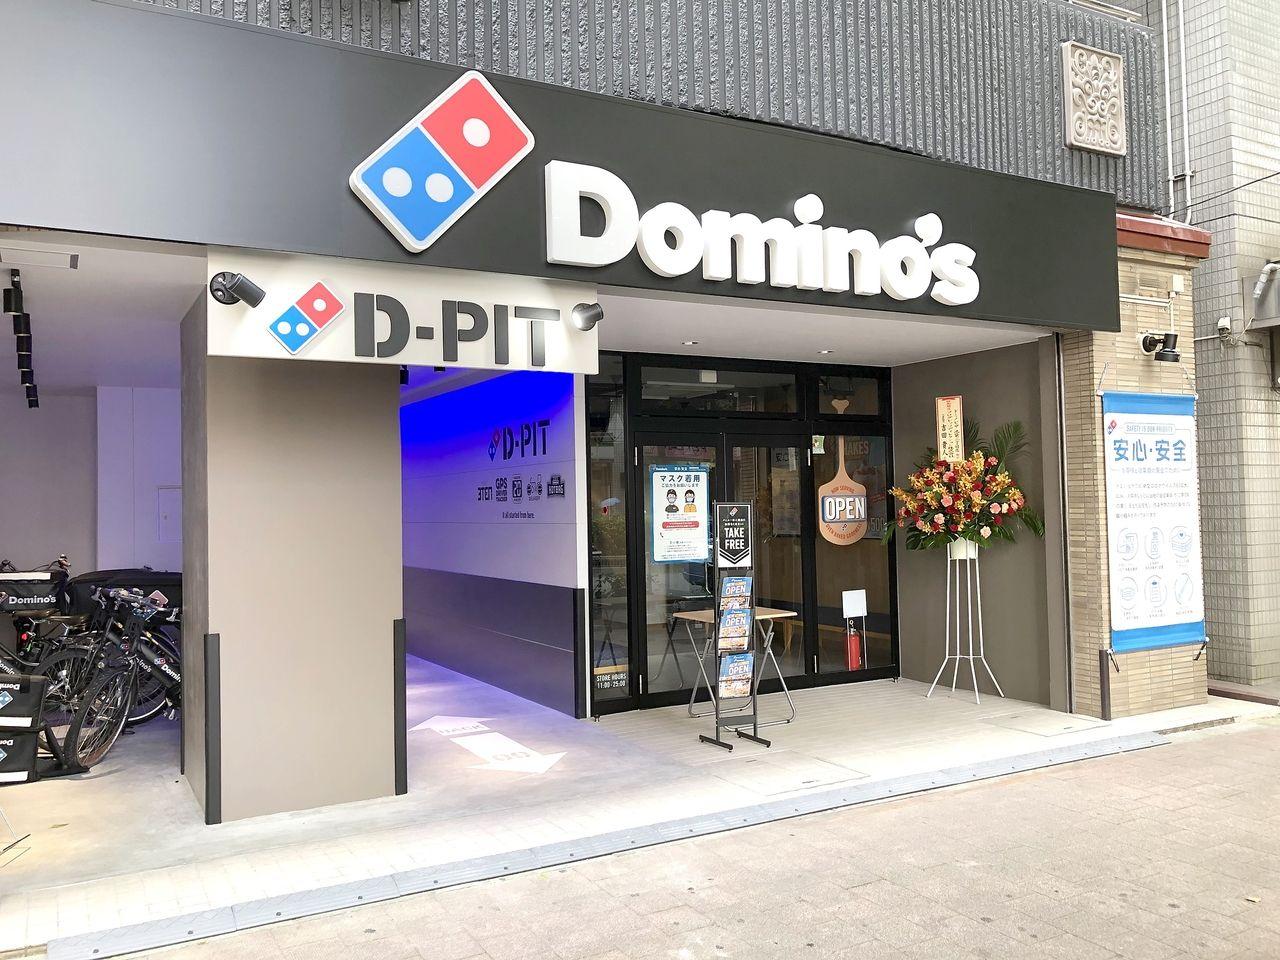 弊社の2軒隣の建物 パラッツオ田中さん1階 3月まではローソン100でした。そして本日8月8日 ドミノピザ池袋二丁目店がオープンしました!